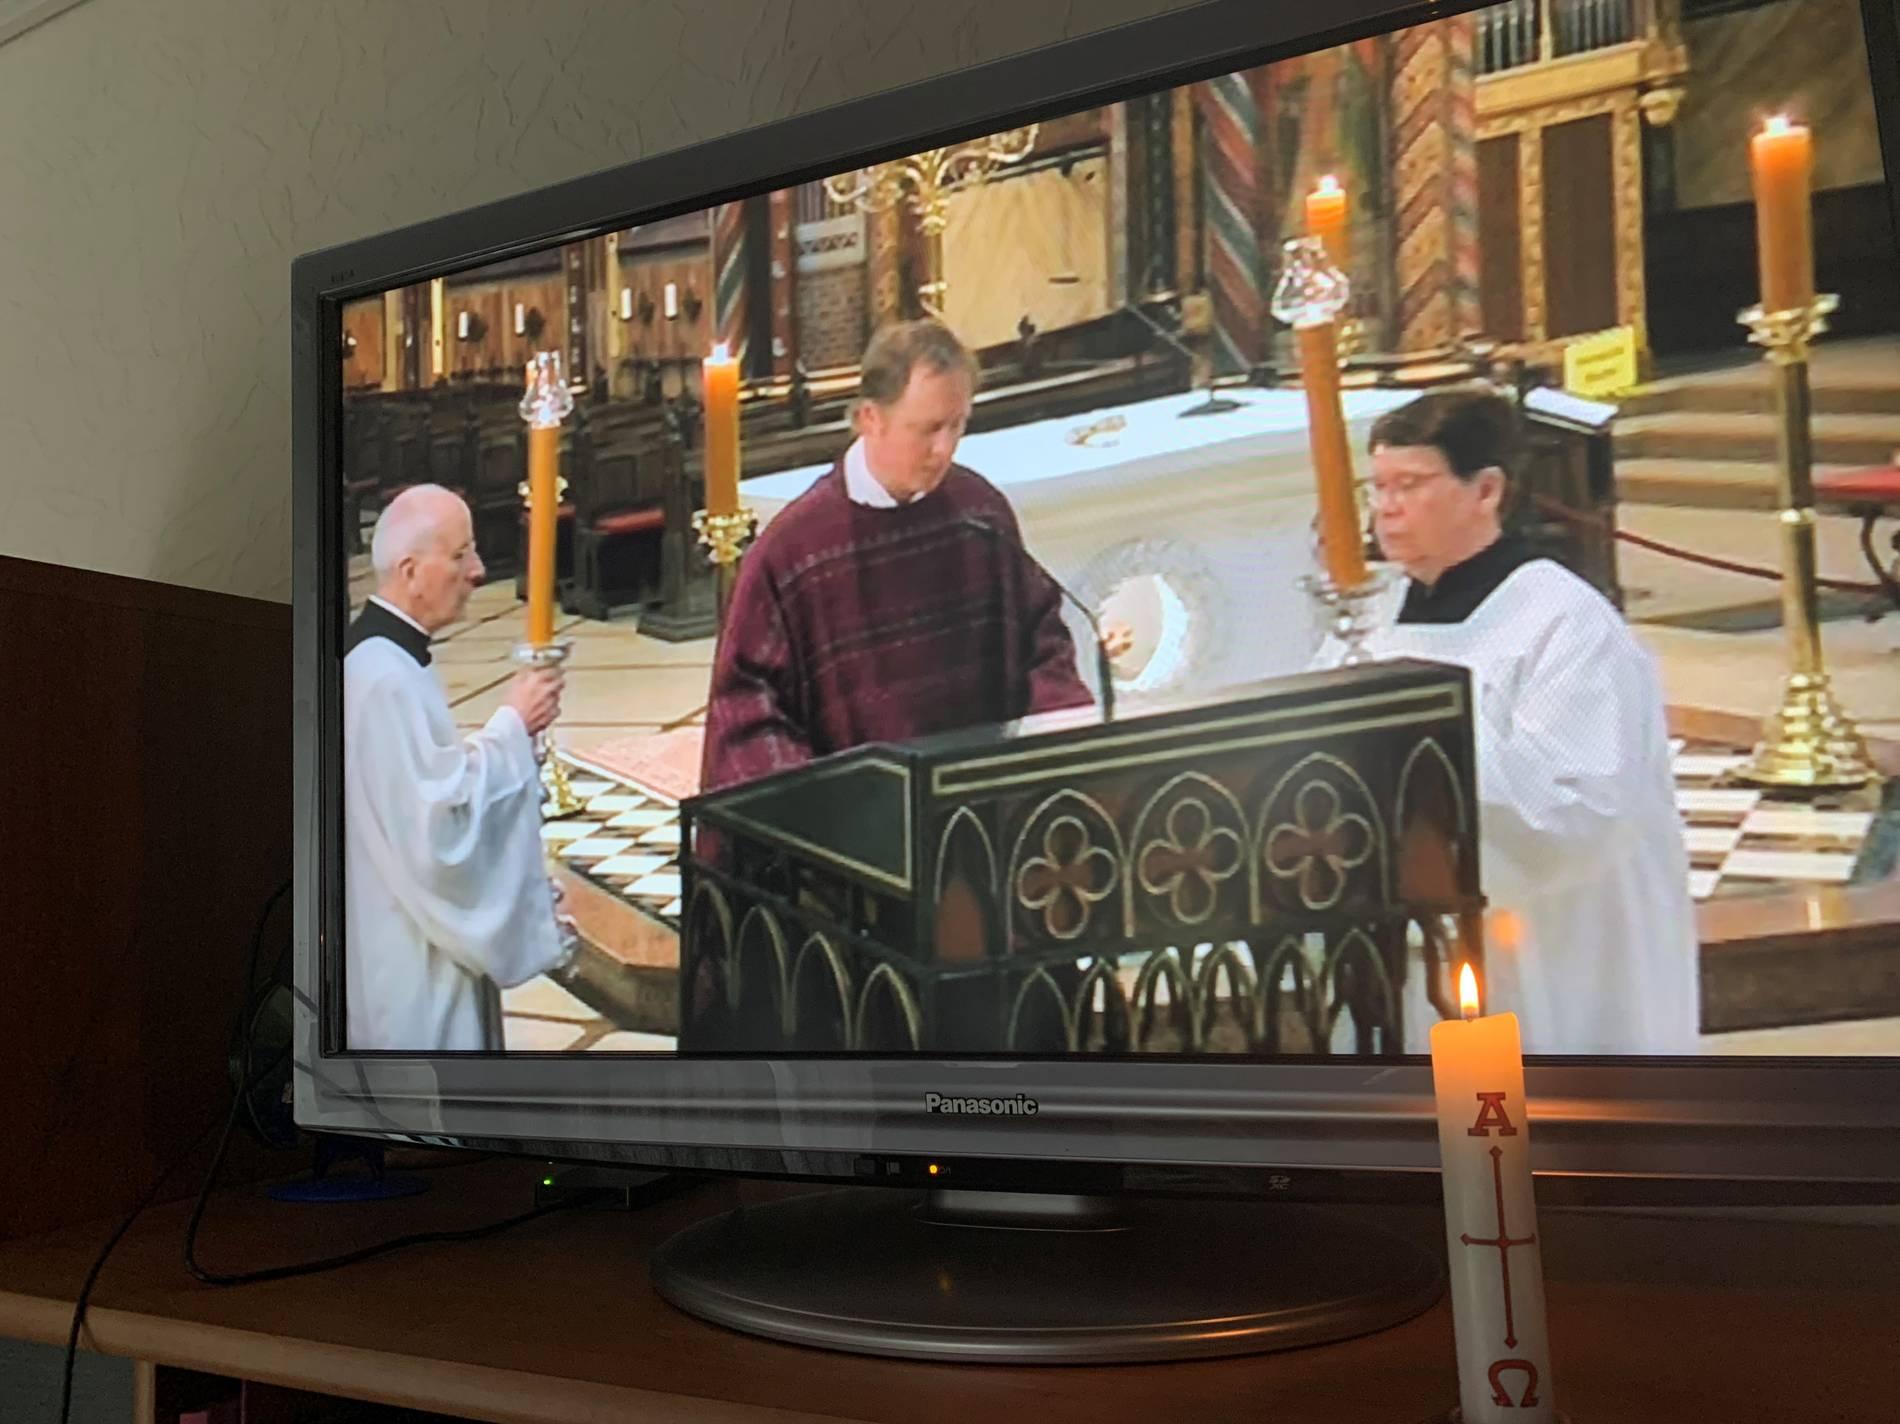 gottesdienste im tv